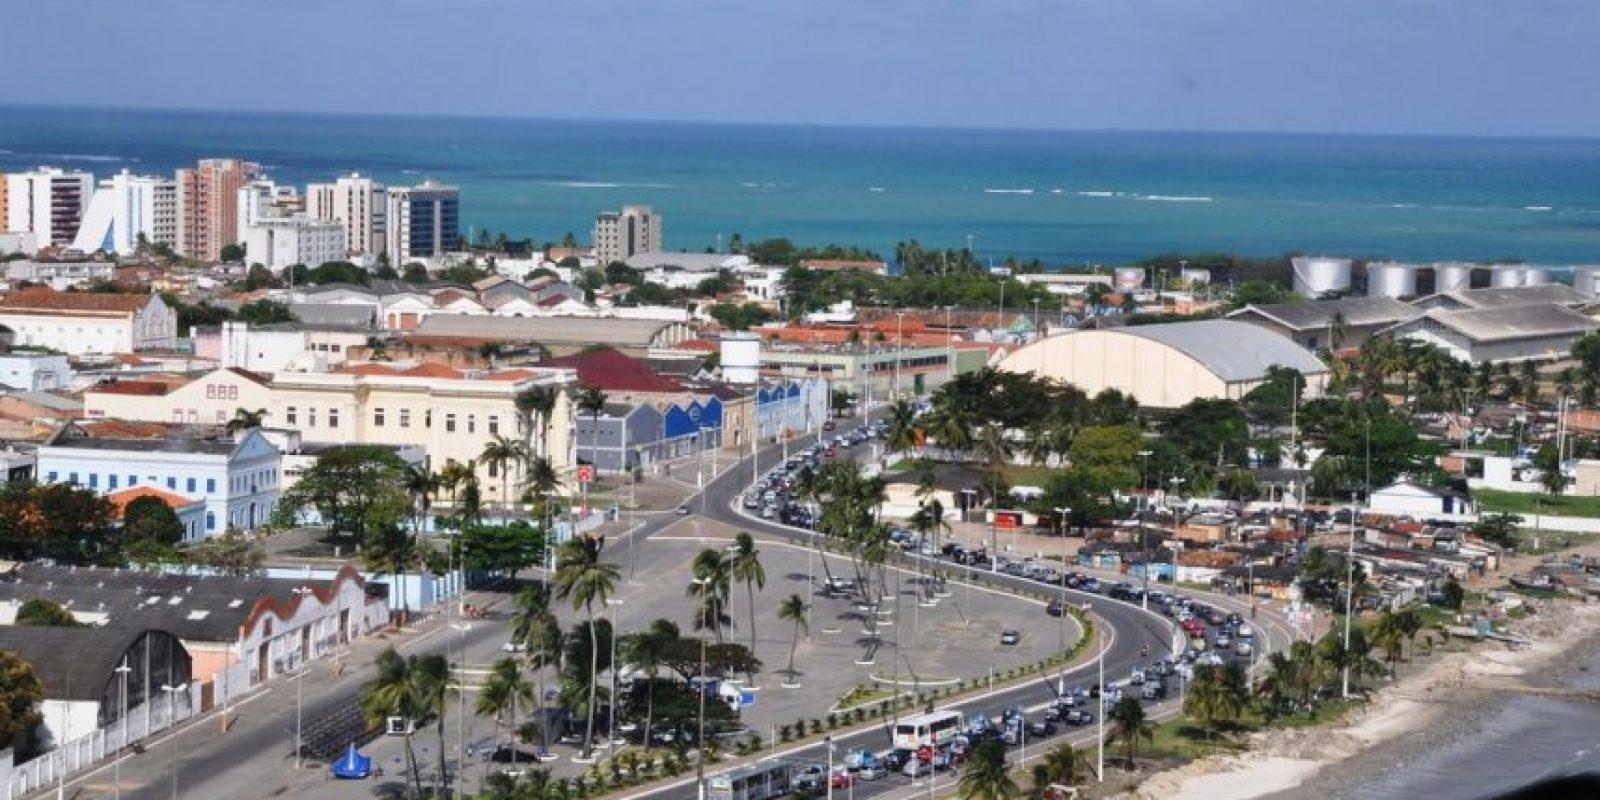 En el estudio la sexta posición la ocupa la ciudad brasileña Maceió, con una tasa del 72.91 por ciento de homicidios por cada 100 mil habitantes. Foto:vía wikipedia.org